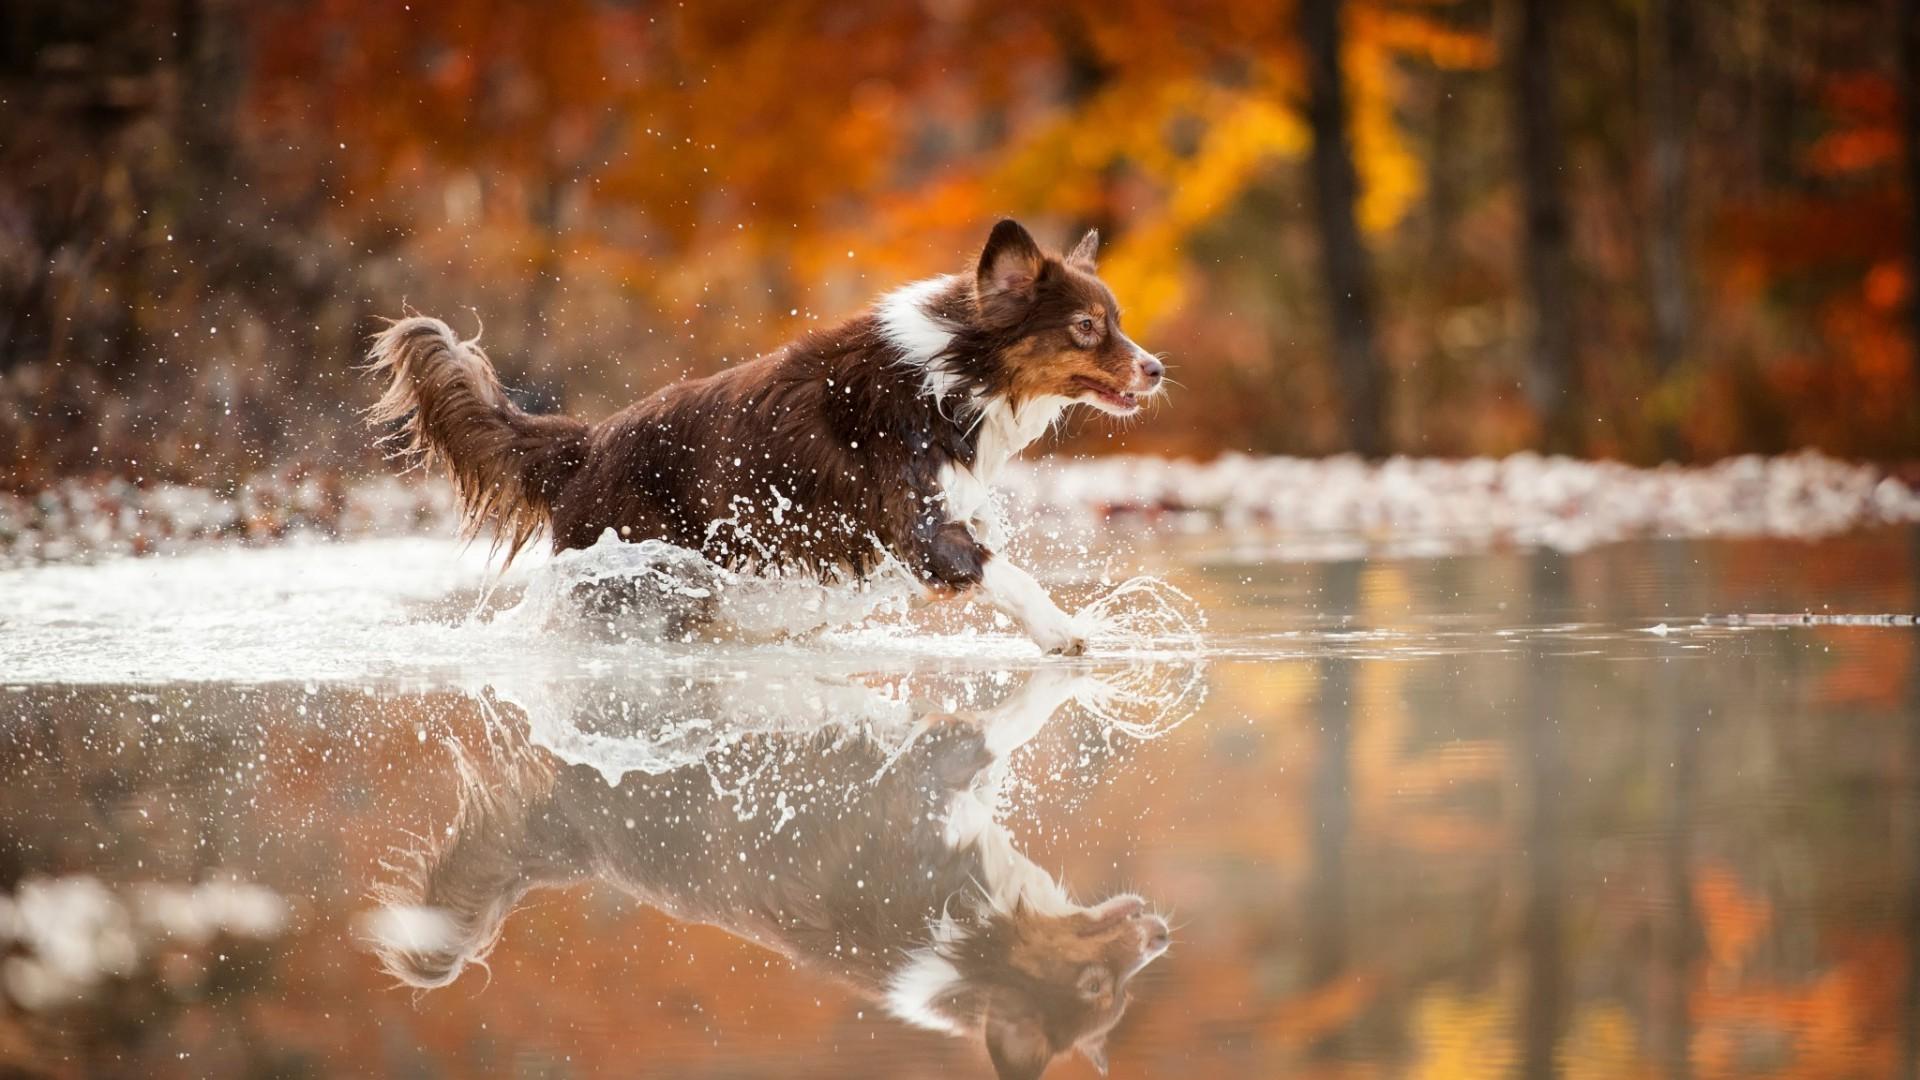 Animals Dog Filter Wallpapers Hd Desktop And Mobile: Running Desktop Backgrounds (65+ Images